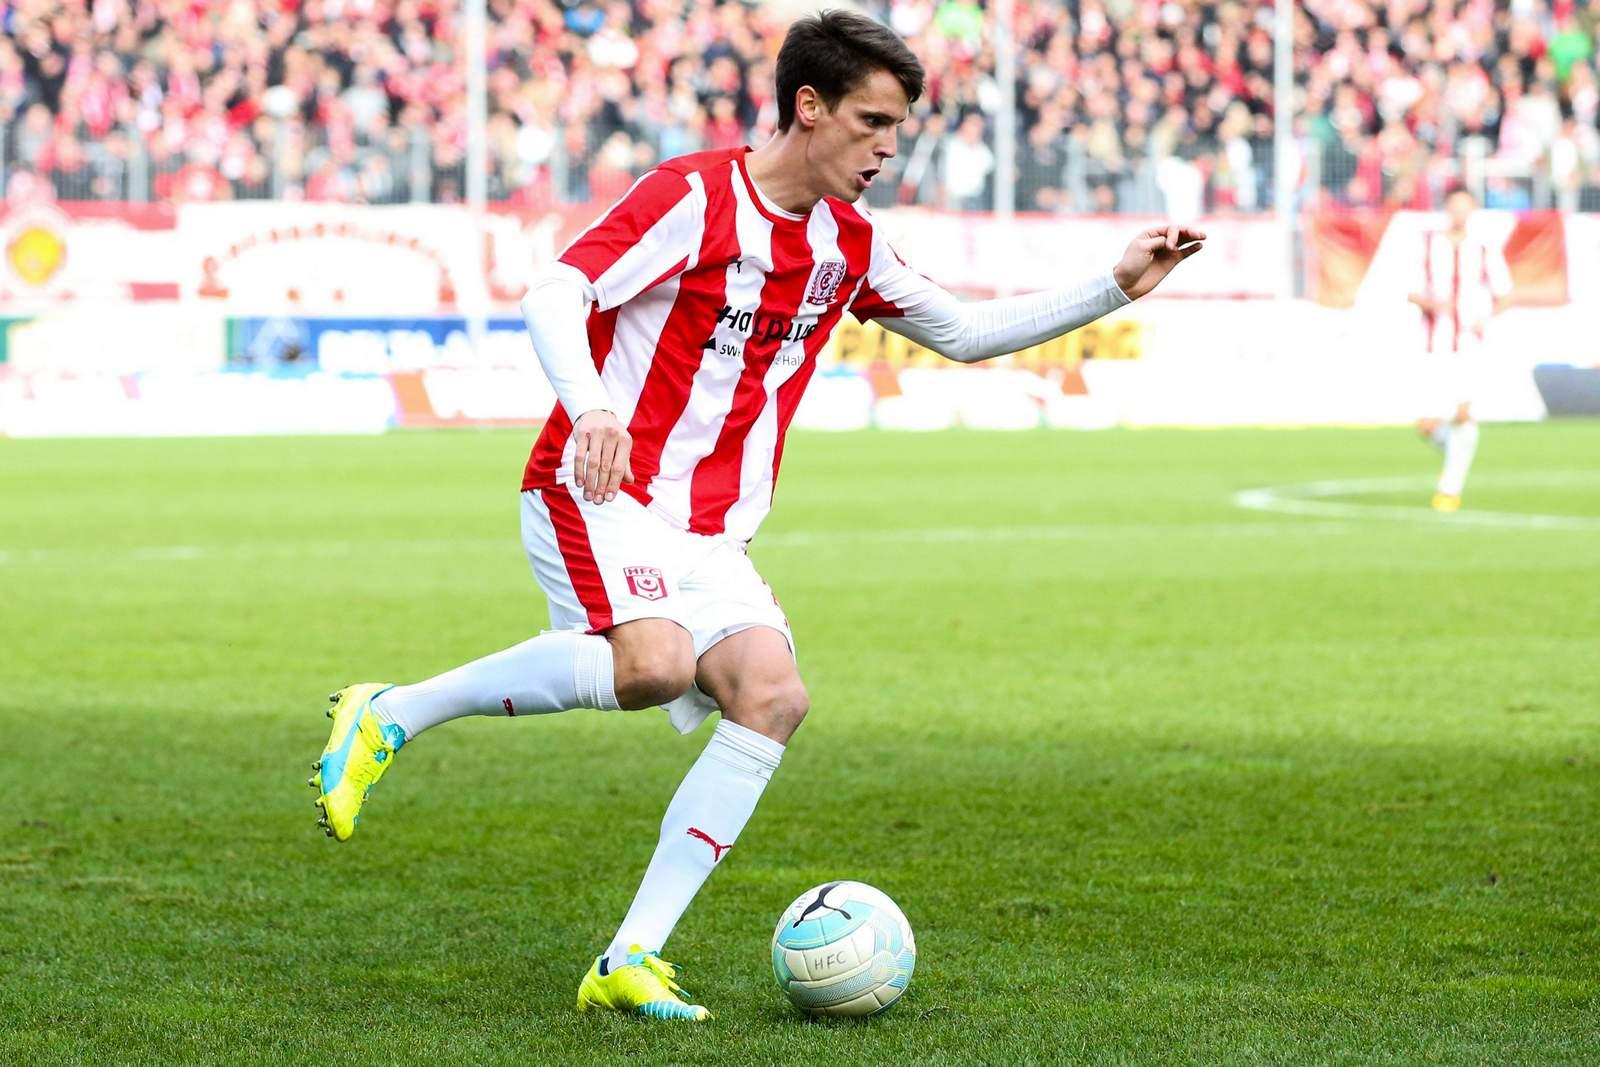 Jonas Acquistapace vom Halleschen FC